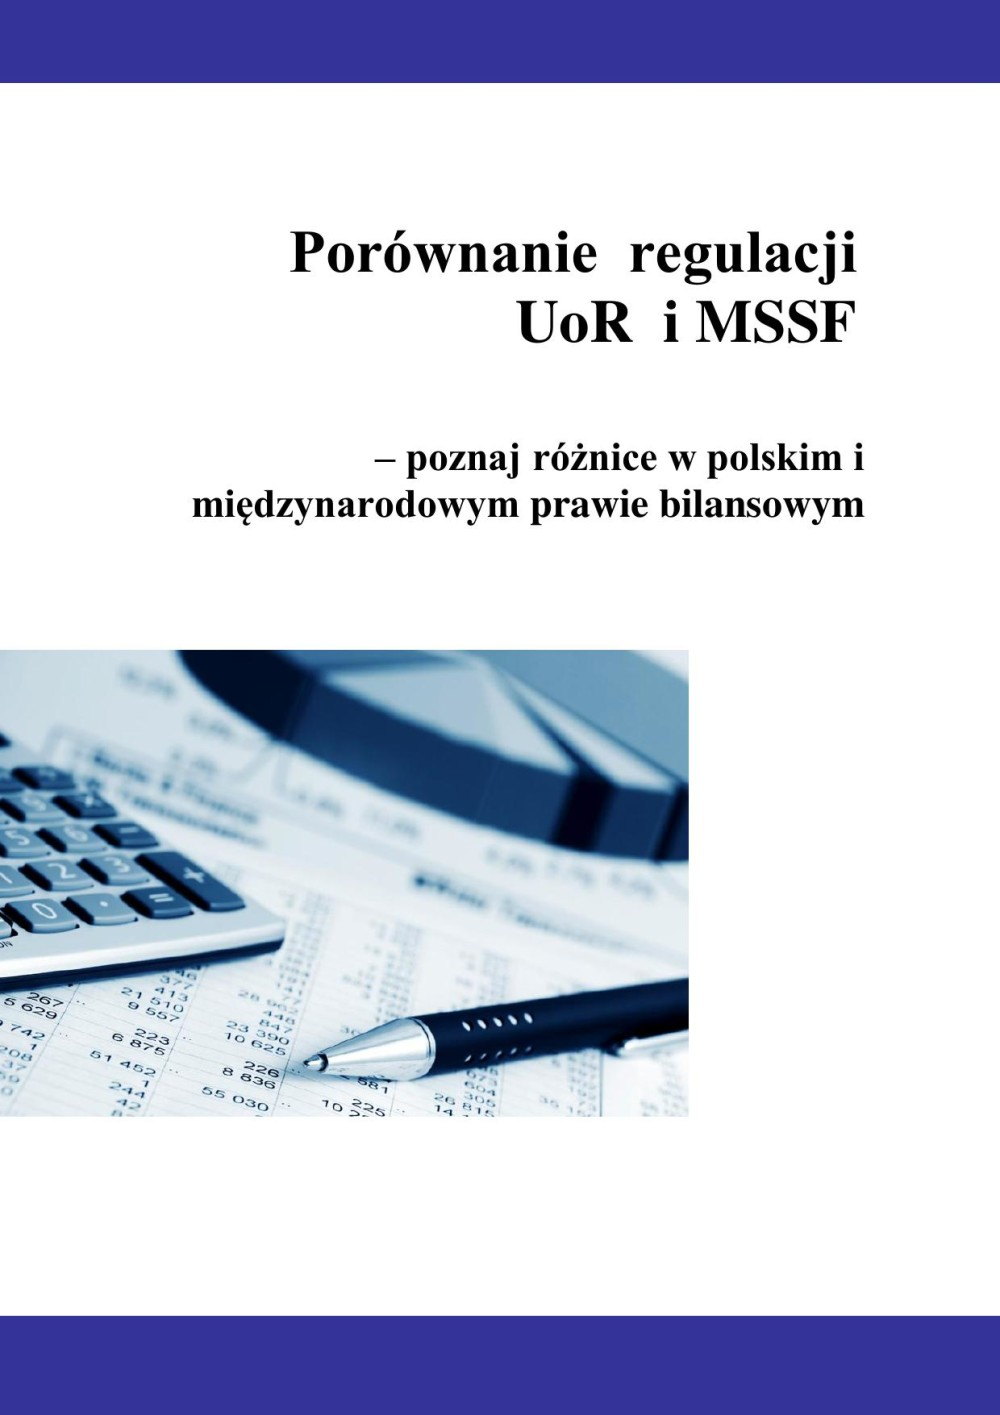 Porównanie regulacji UoR i MSSF - poznaj różnice w polskim i międzynarodowym prawie bilansowym ebook